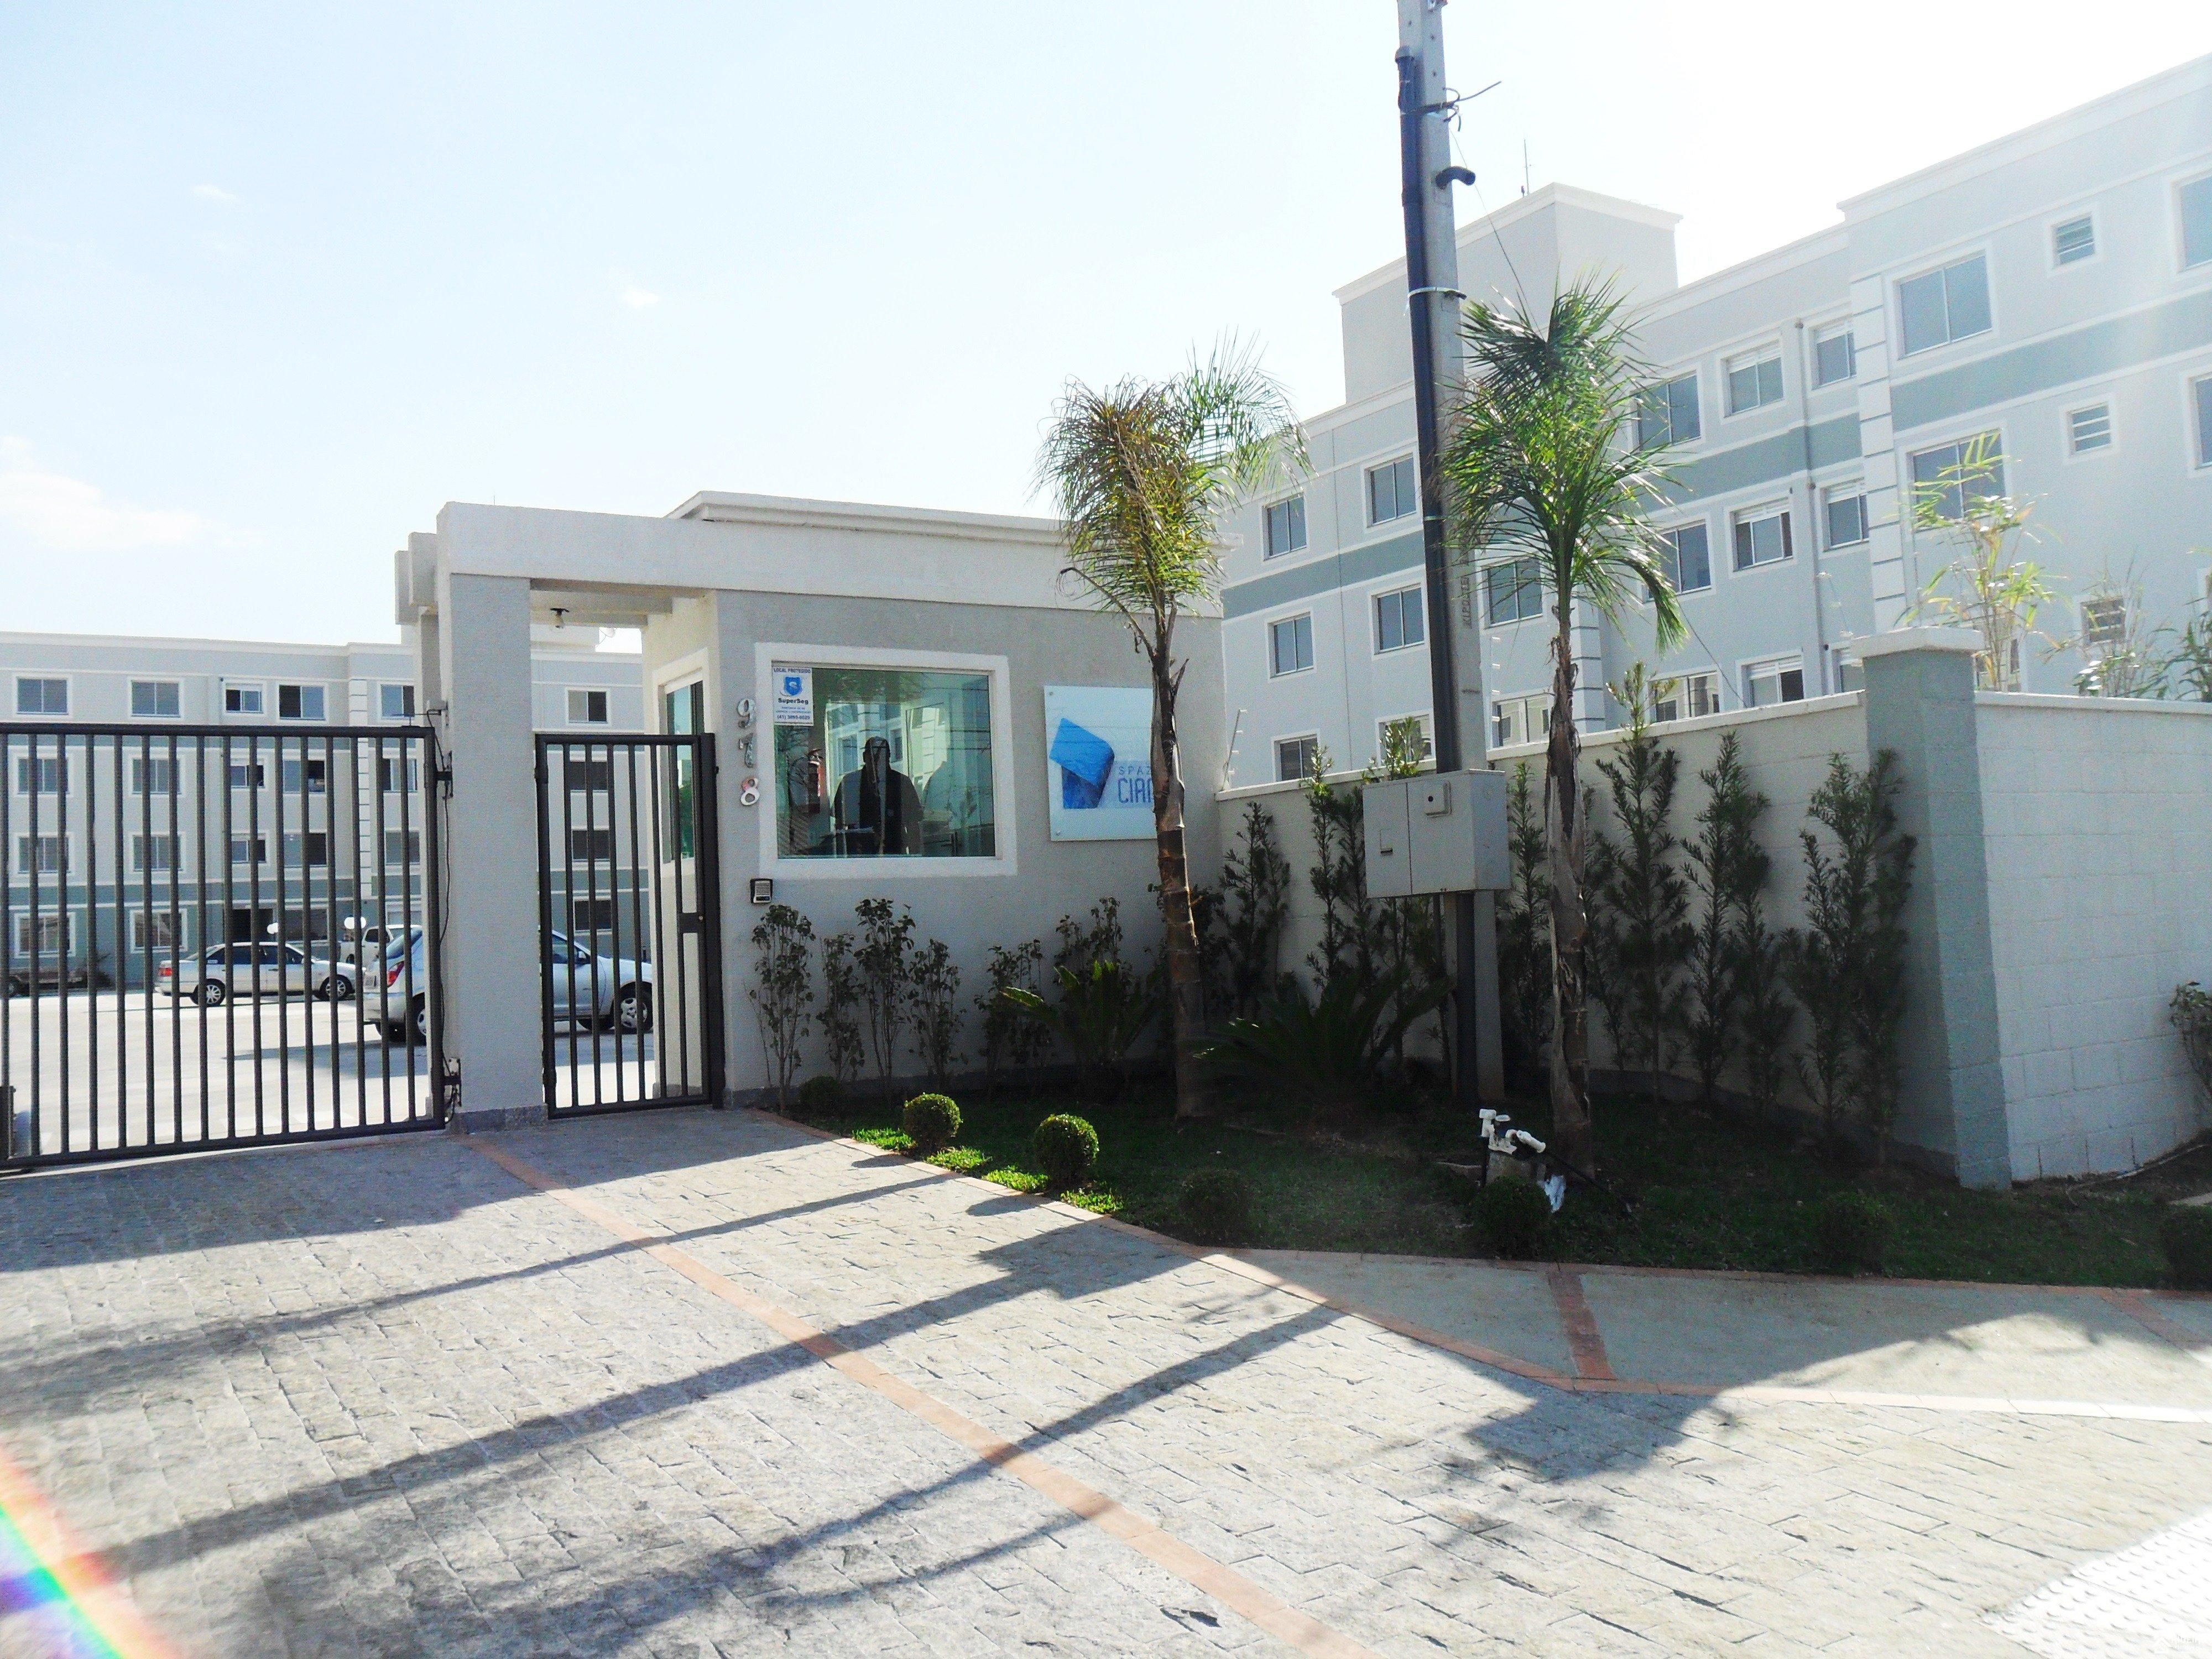 REF. 8332 -  São José Dos Pinhais - Rua  Agudos Do Sul, 890 - Apto 109 - Bl 01